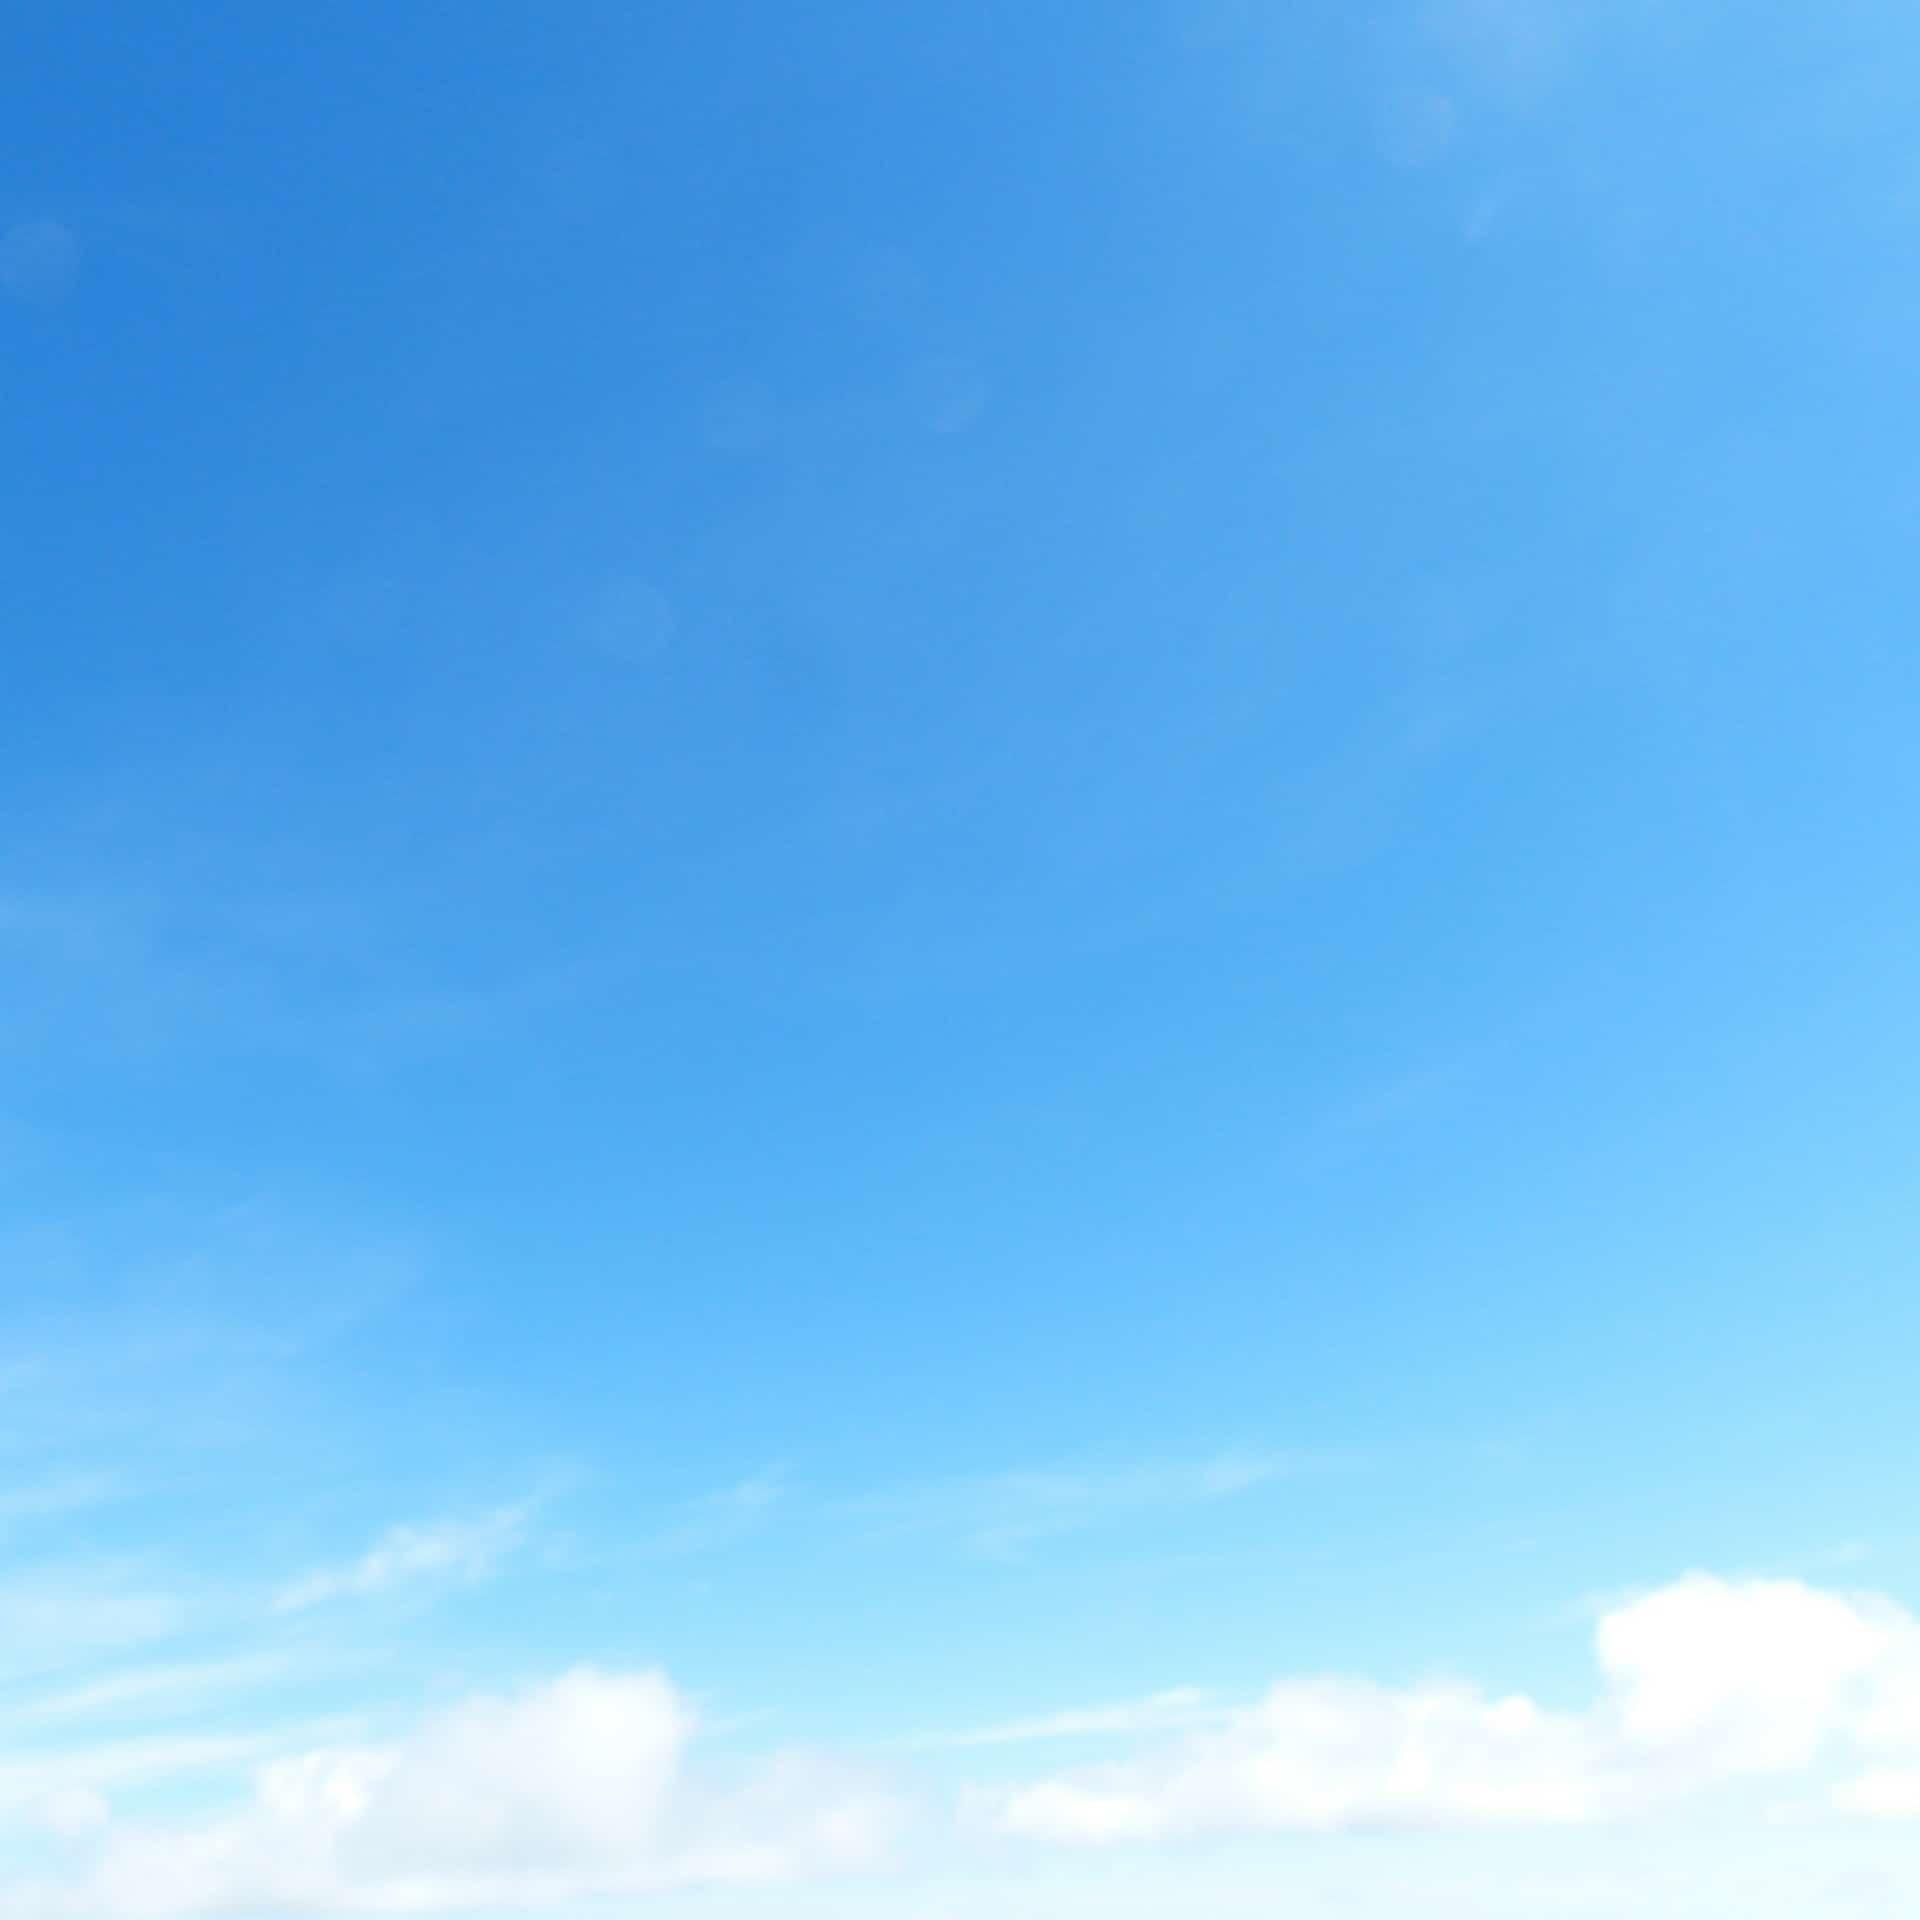 Pourquoi Le Ciel Est Bleu Le Portail Media